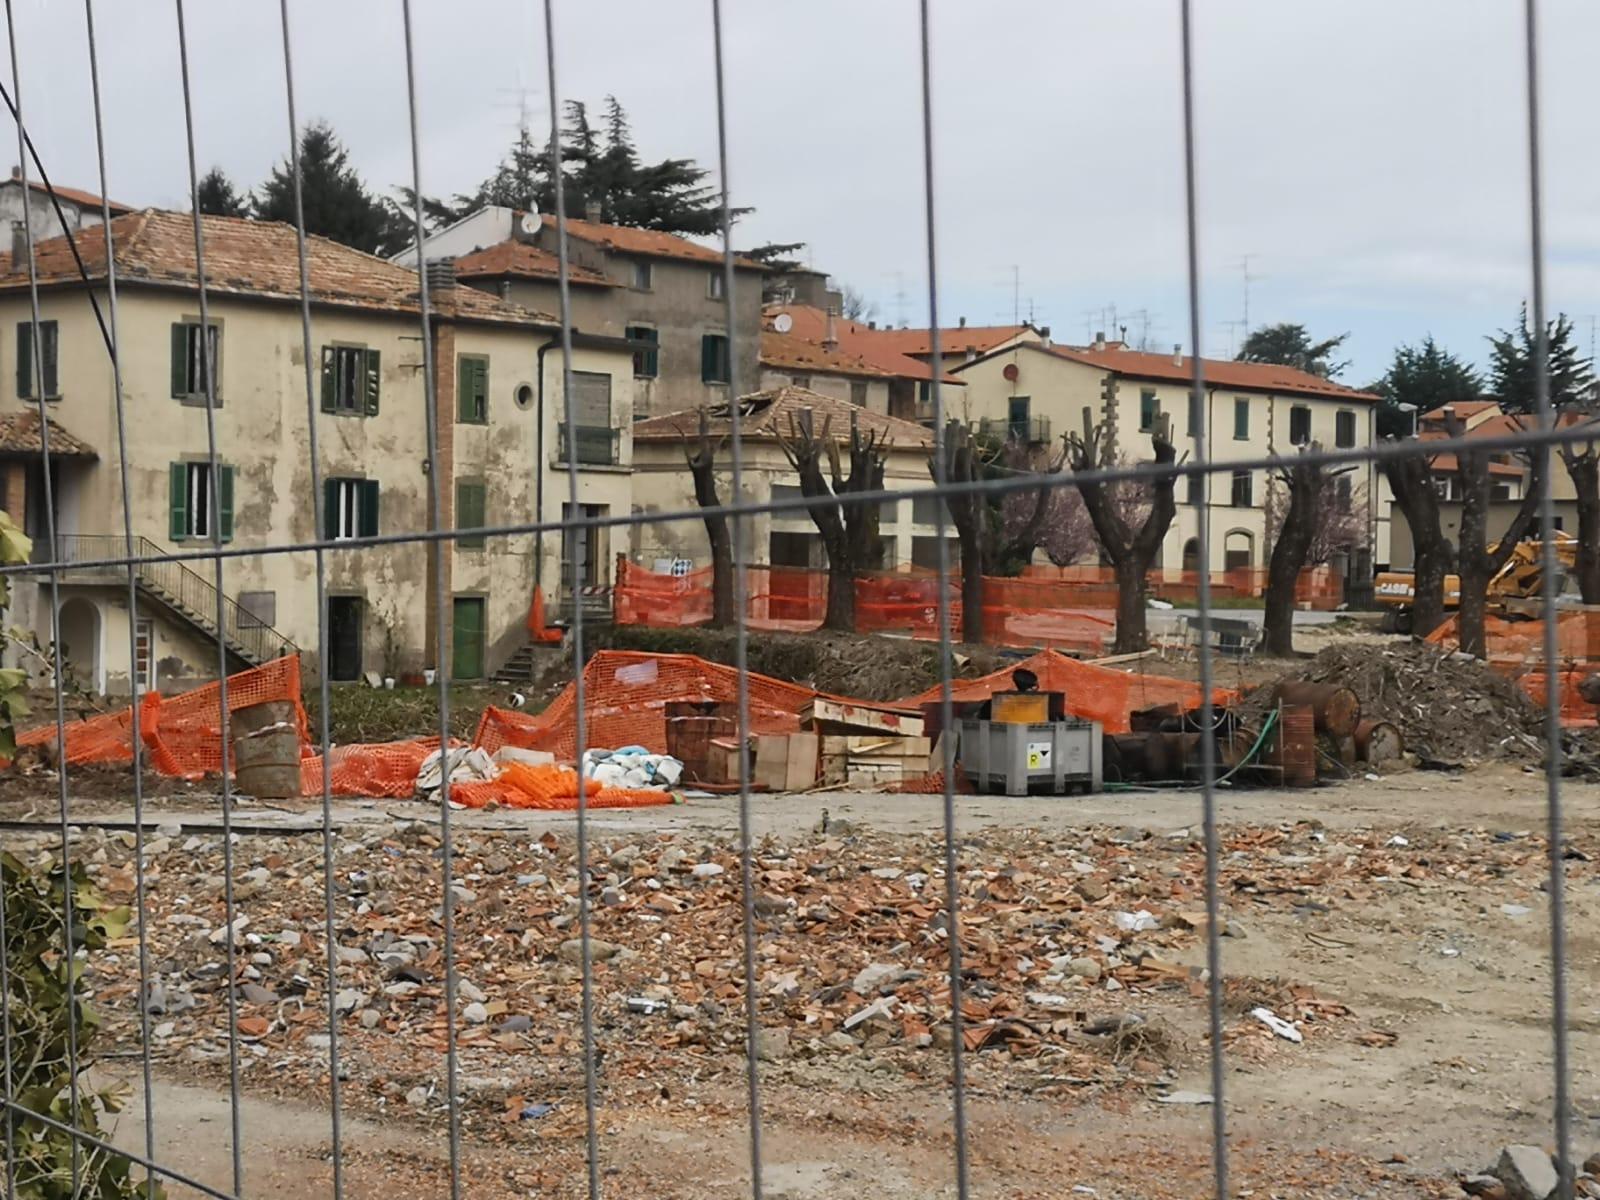 EX Stabilimento Tan Castel del Piano. Smaltimento rifiuti speciali e Bonifica - Ecoteti srl